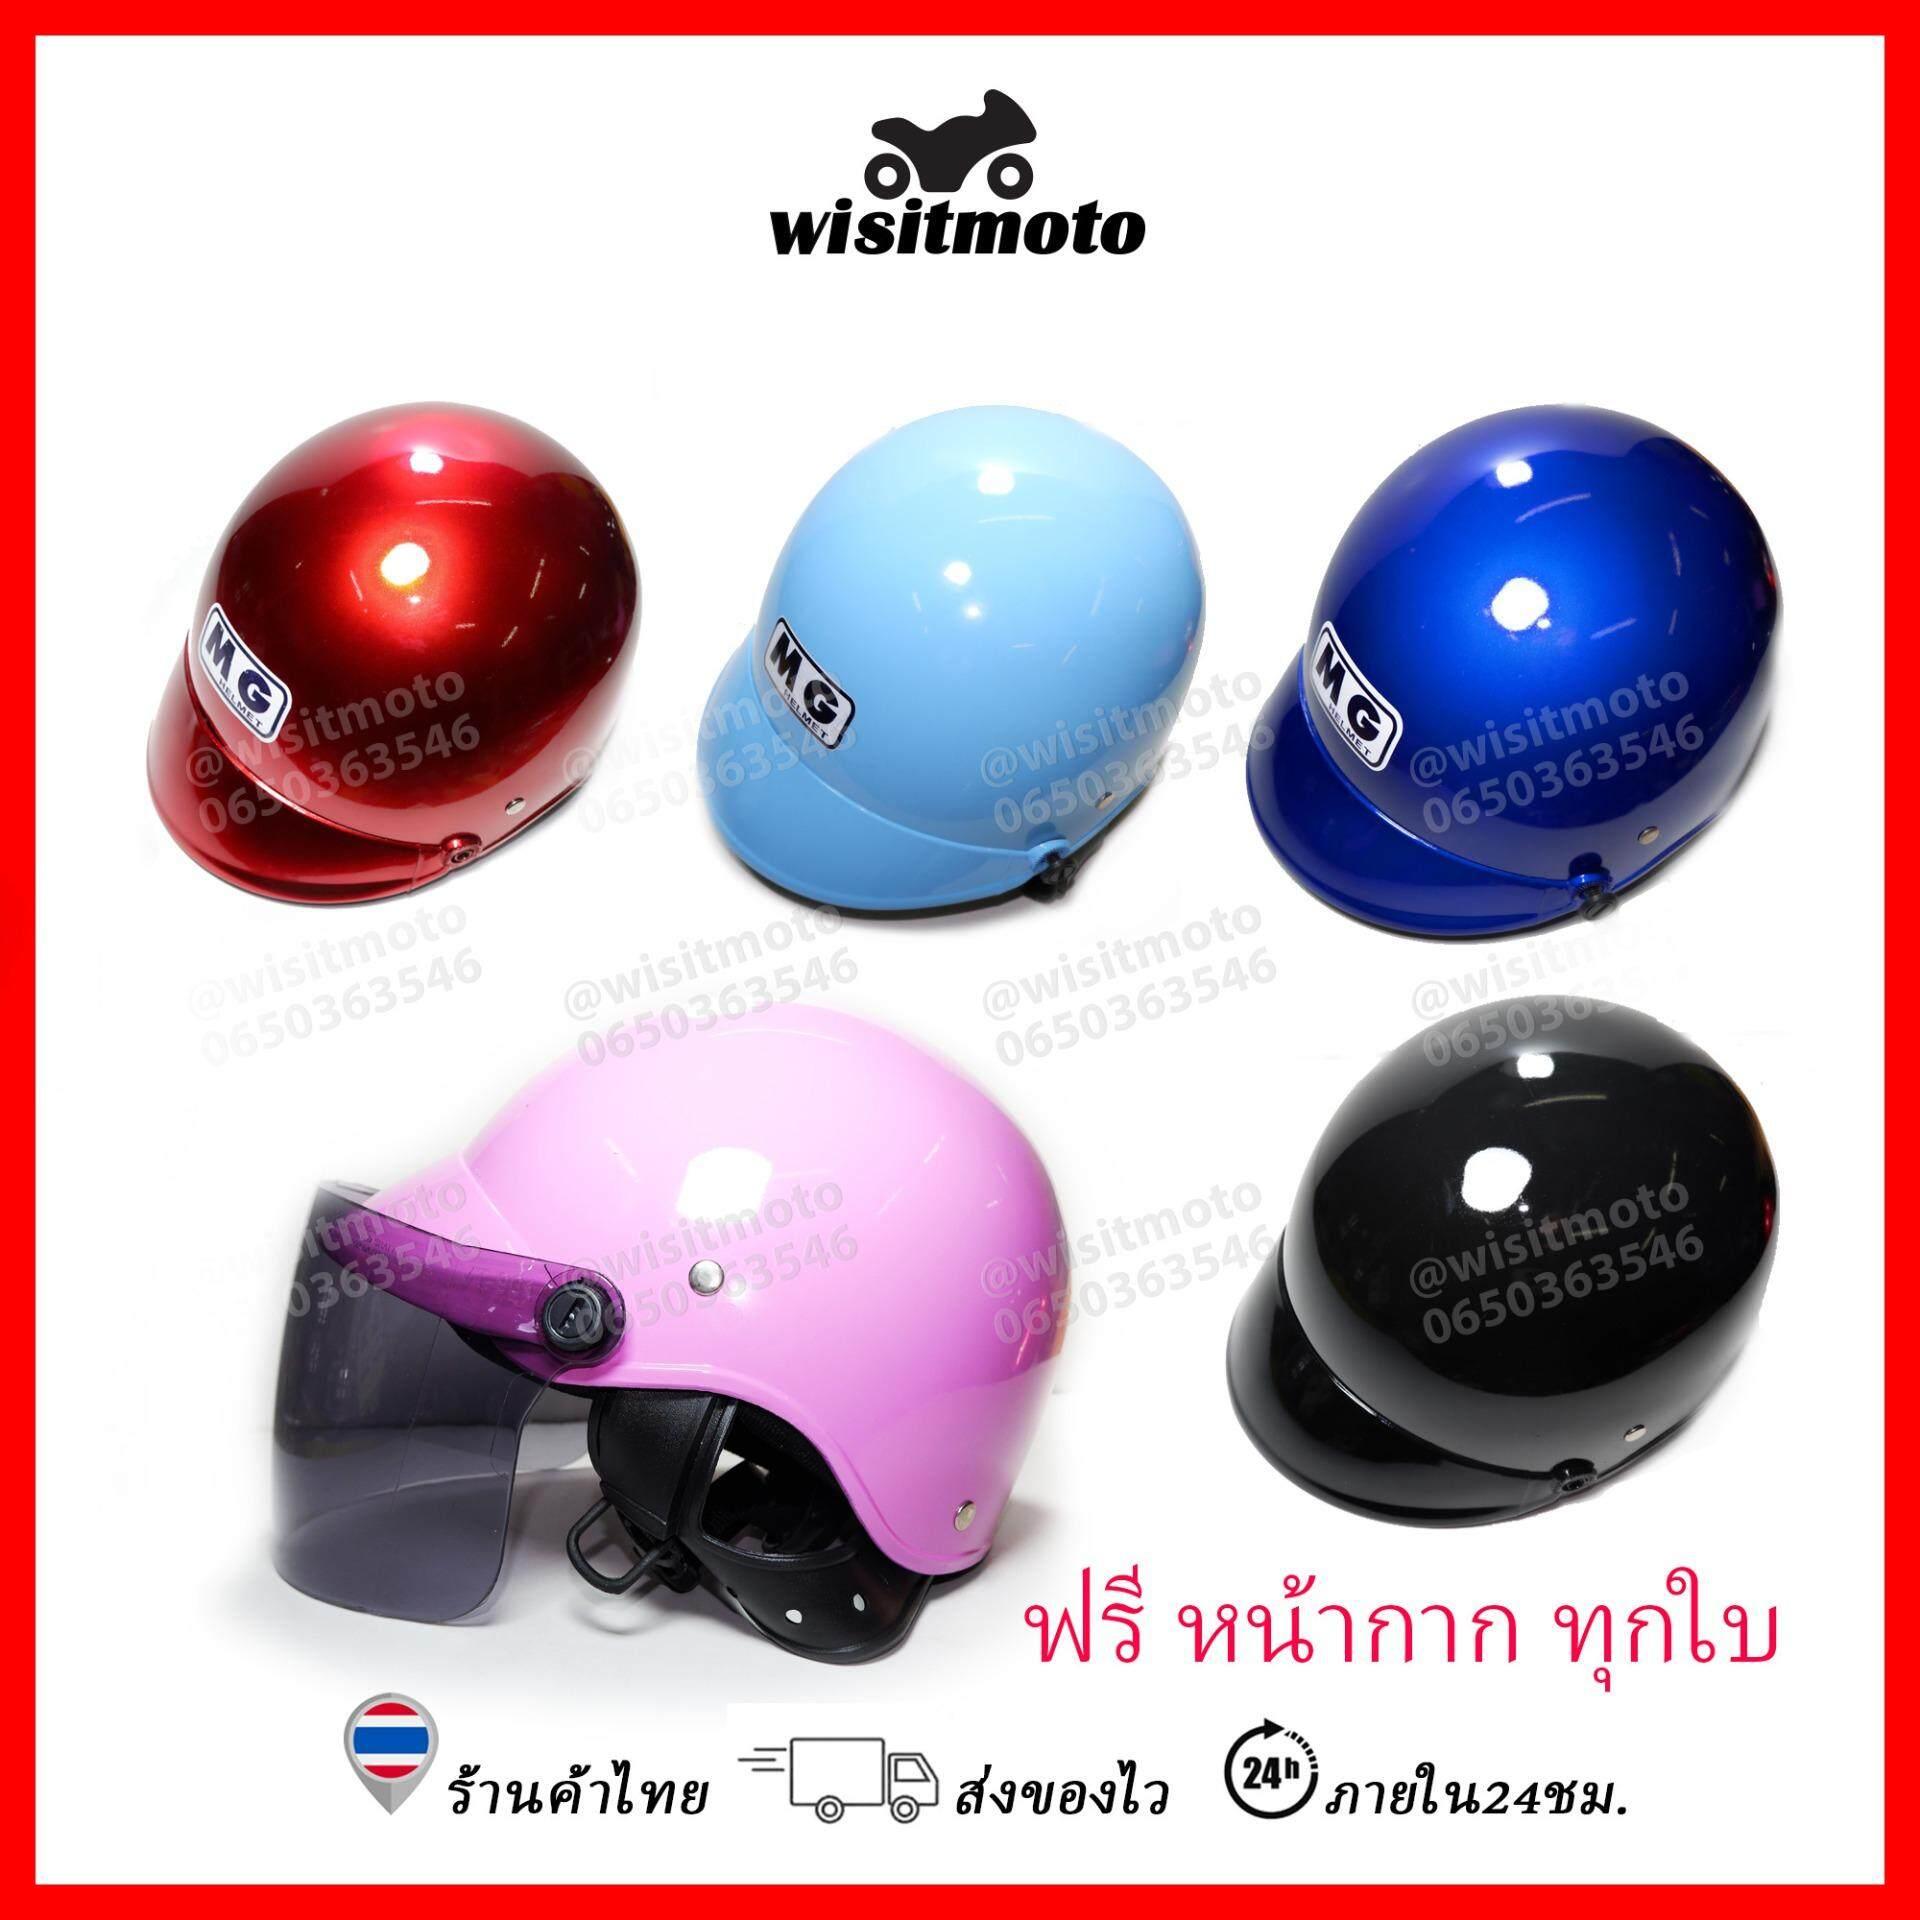 หมวกกันน็อคครึ่งใบ Lady สีชมพู สีดำ สีน้ำเงิน สีฟ้า สีแดง (ฟรี หน้ากาก) หมวกกันน็อคราคาถูก Wisitmoto.